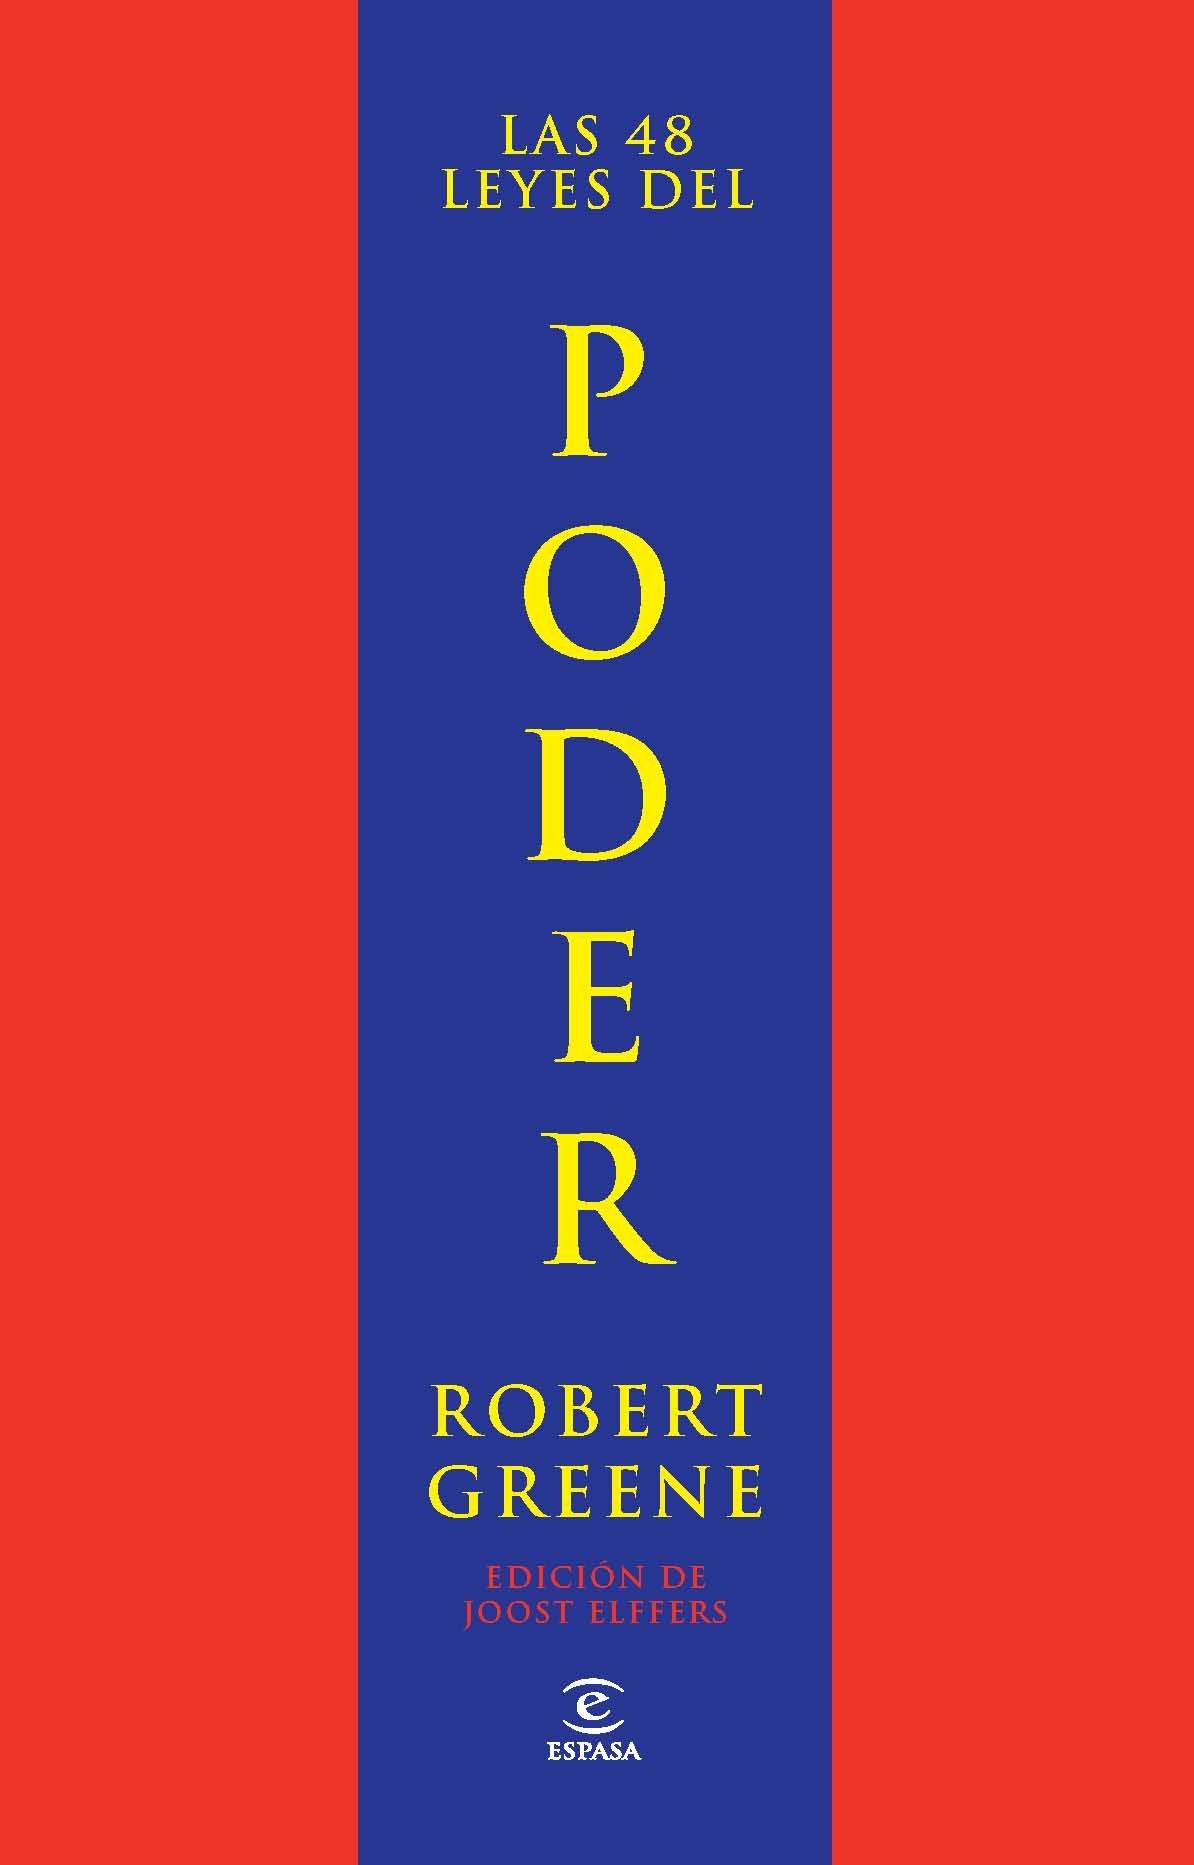 Las 48 leyes del poder (ESPASA HOY): Amazon.es: Greene Robert ...